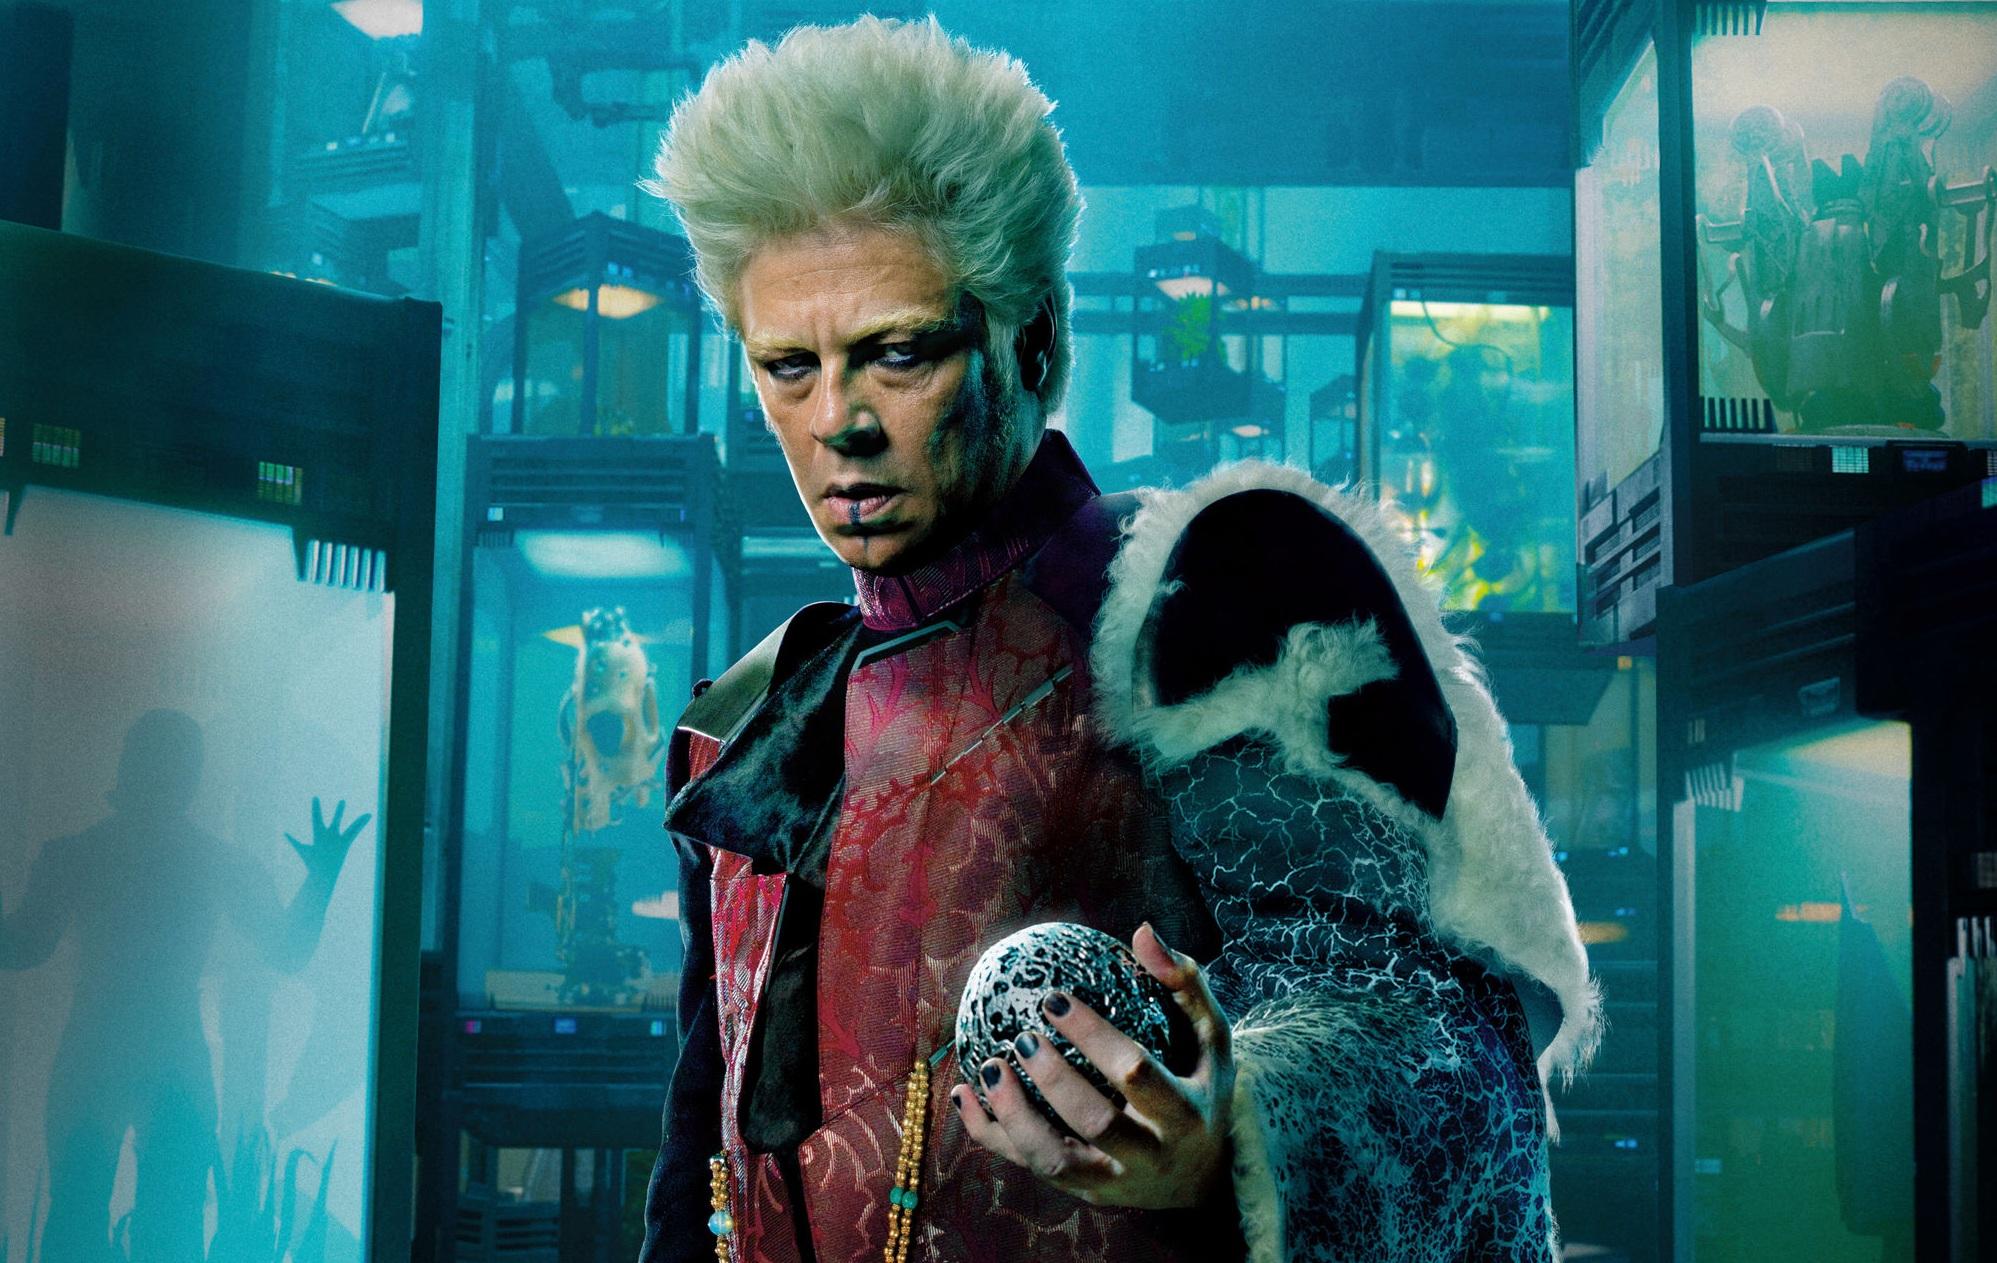 https: img.okezone.com content 2018 06 19 206 1911727 satu-karakter-di-avengers-infinity-war-ini-ternyata-tak-mati-siapa-nTogl3rhEY.jpg